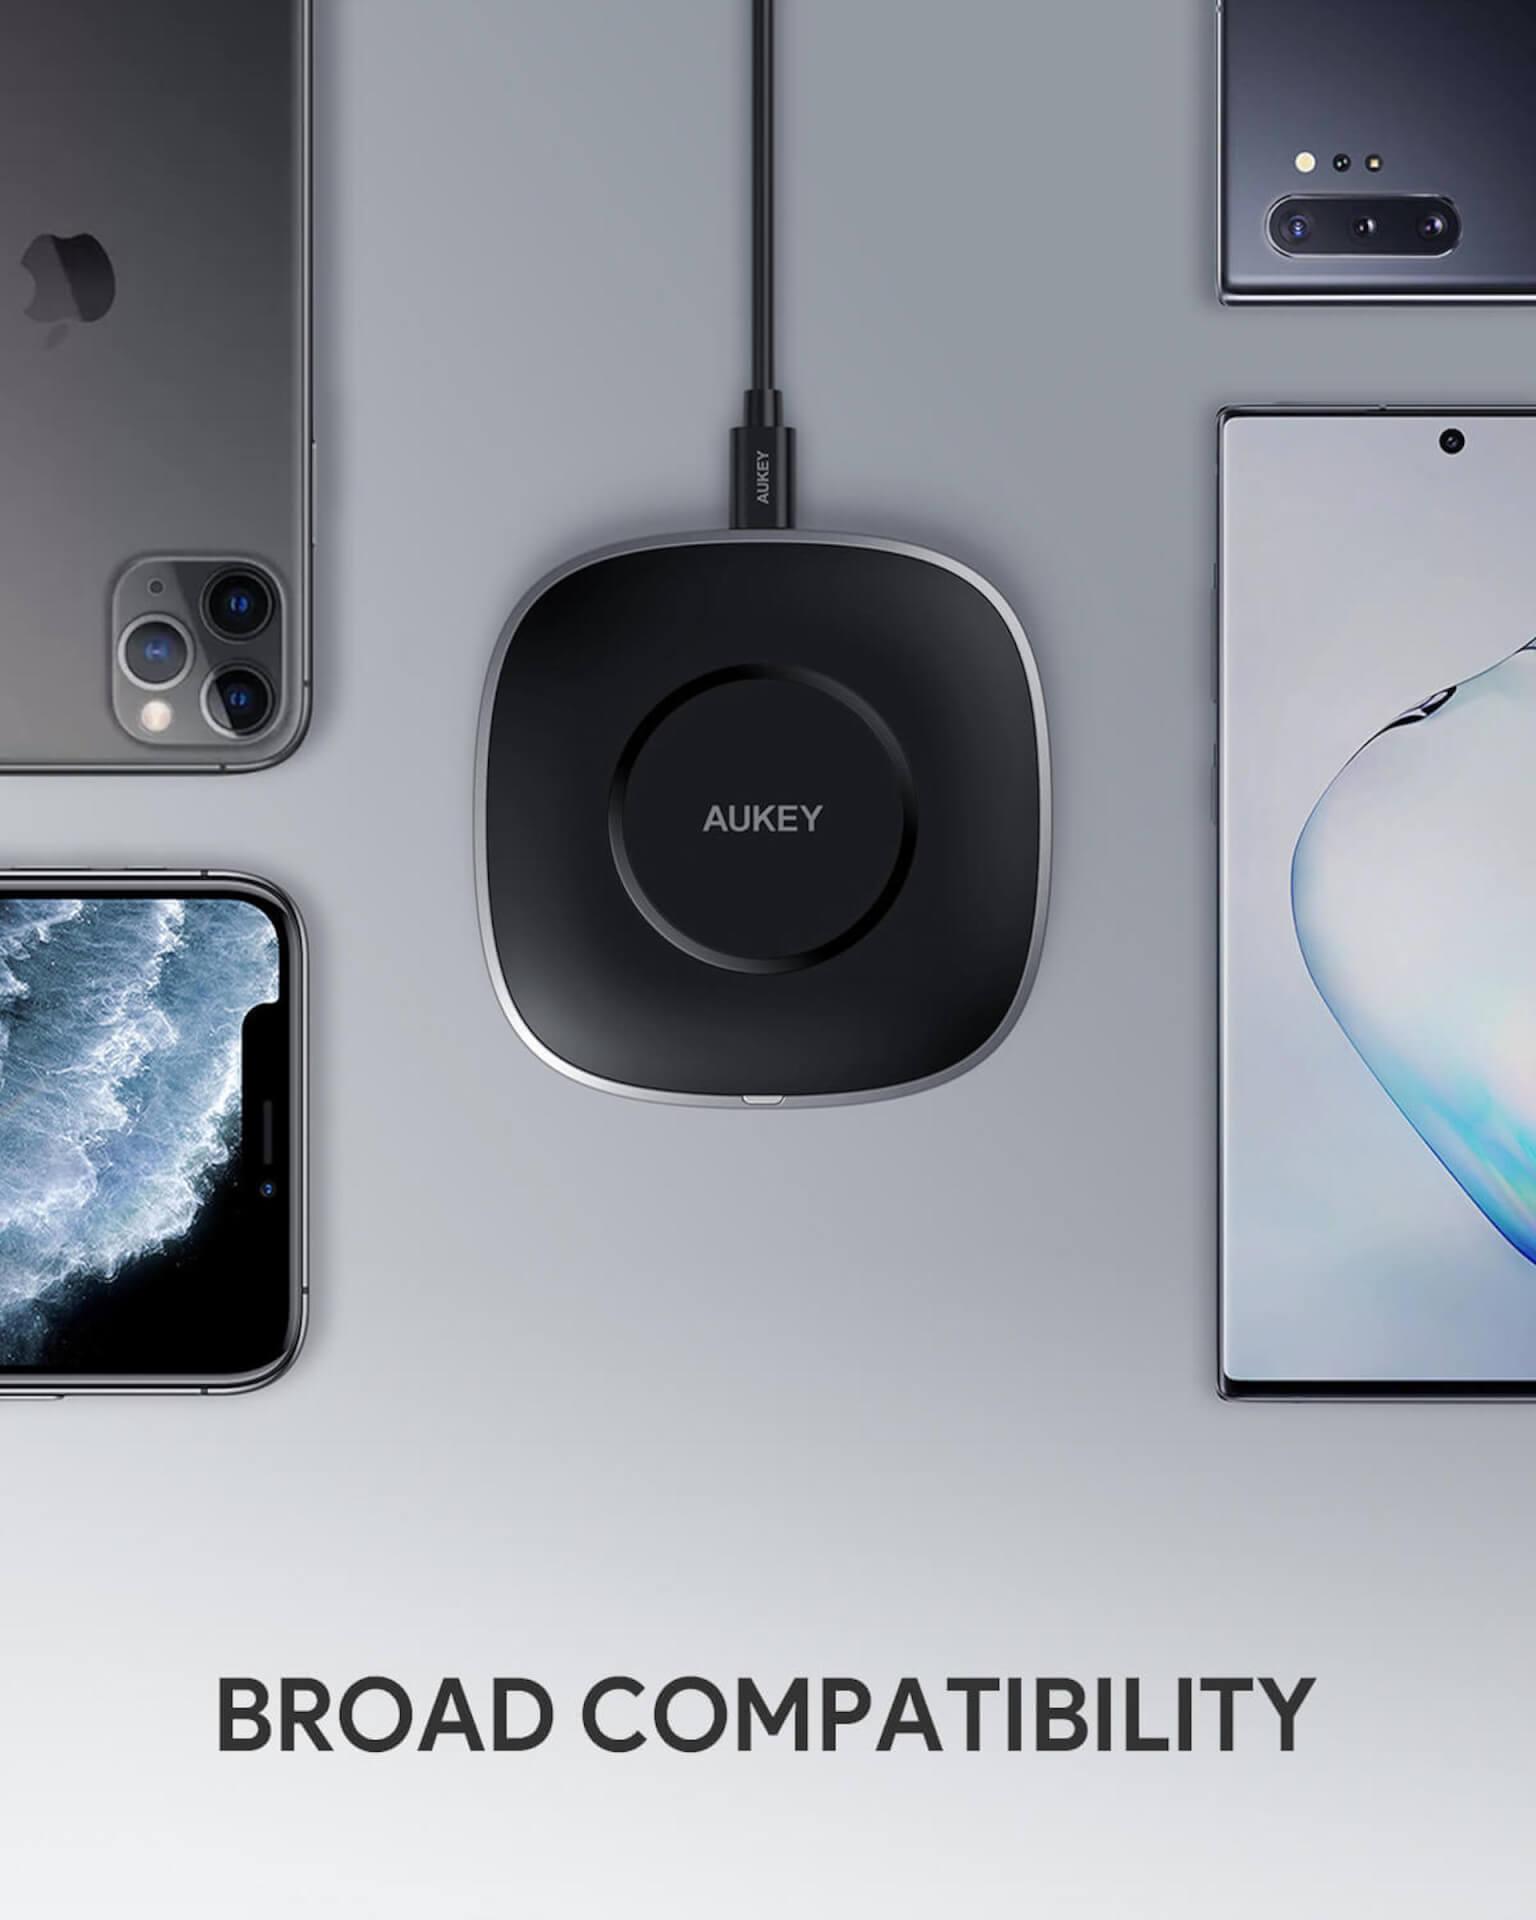 AUKEY QC3.0搭載のワイヤレス充電器『LC-C6』がAmazonで20%OFFに!期間限定クーポンコードが登場 tech200512_aukey_wirelesscharger_04